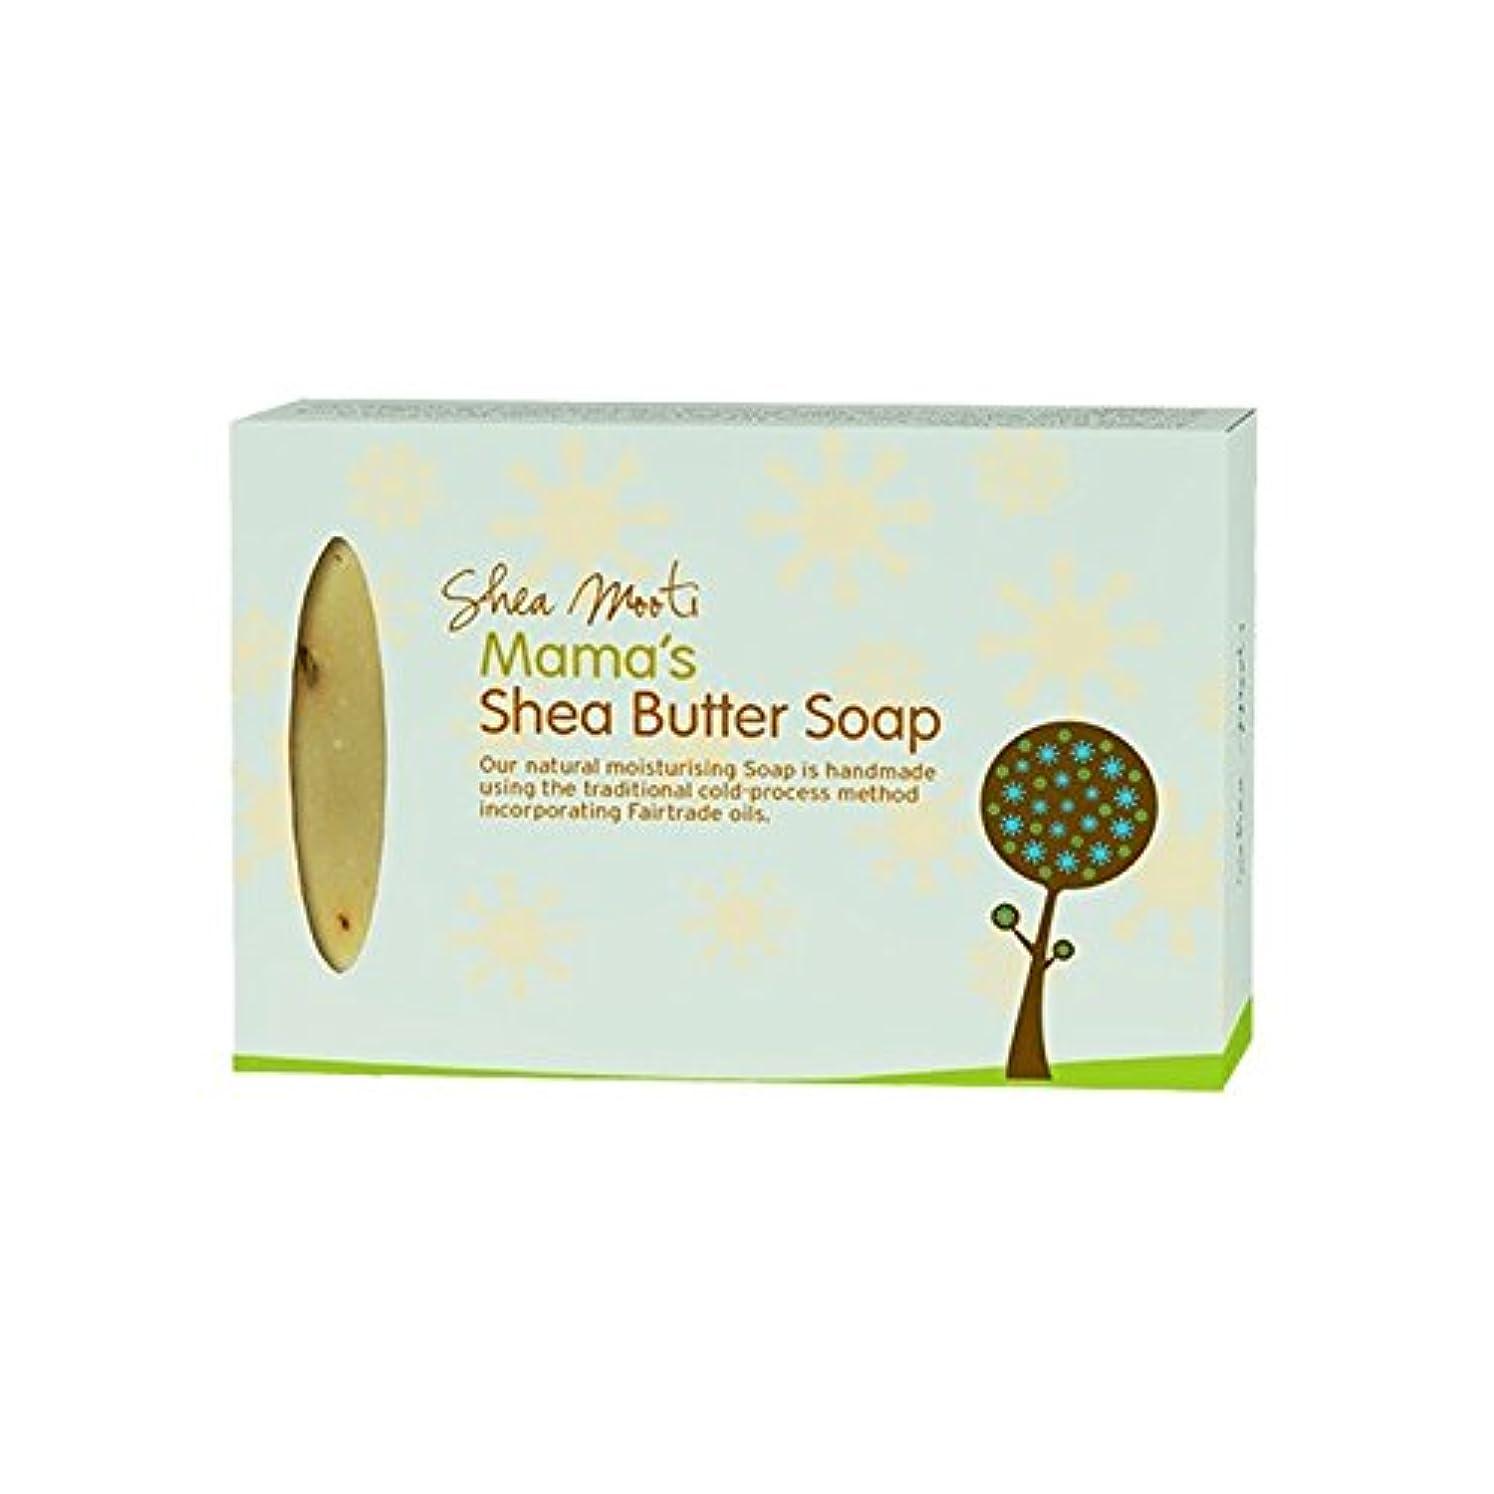 発明するに対応する不機嫌シアバターMootiママのシアバターソープ100グラム - Shea Mooti Mama's Shea Butter Soap 100g (Shea Mooti) [並行輸入品]